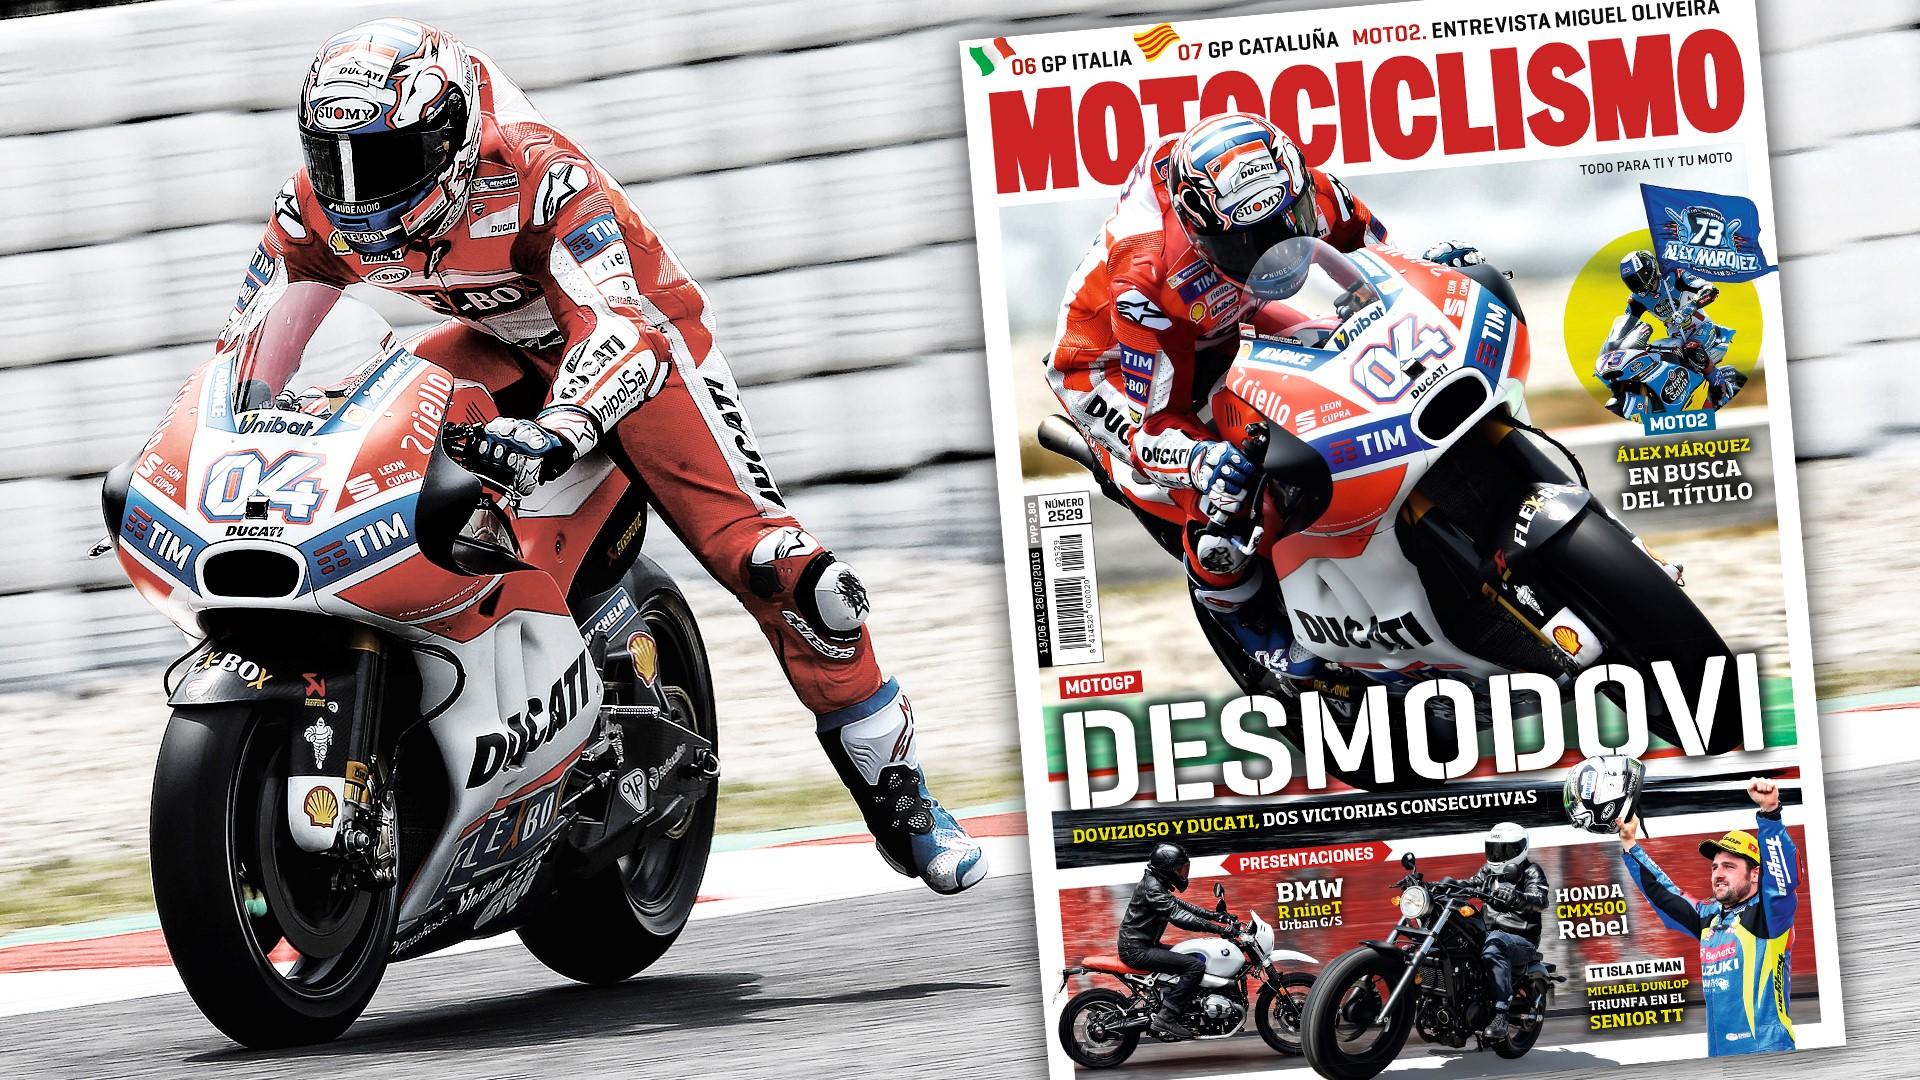 DesmoDovi, protagonista en Motociclismo